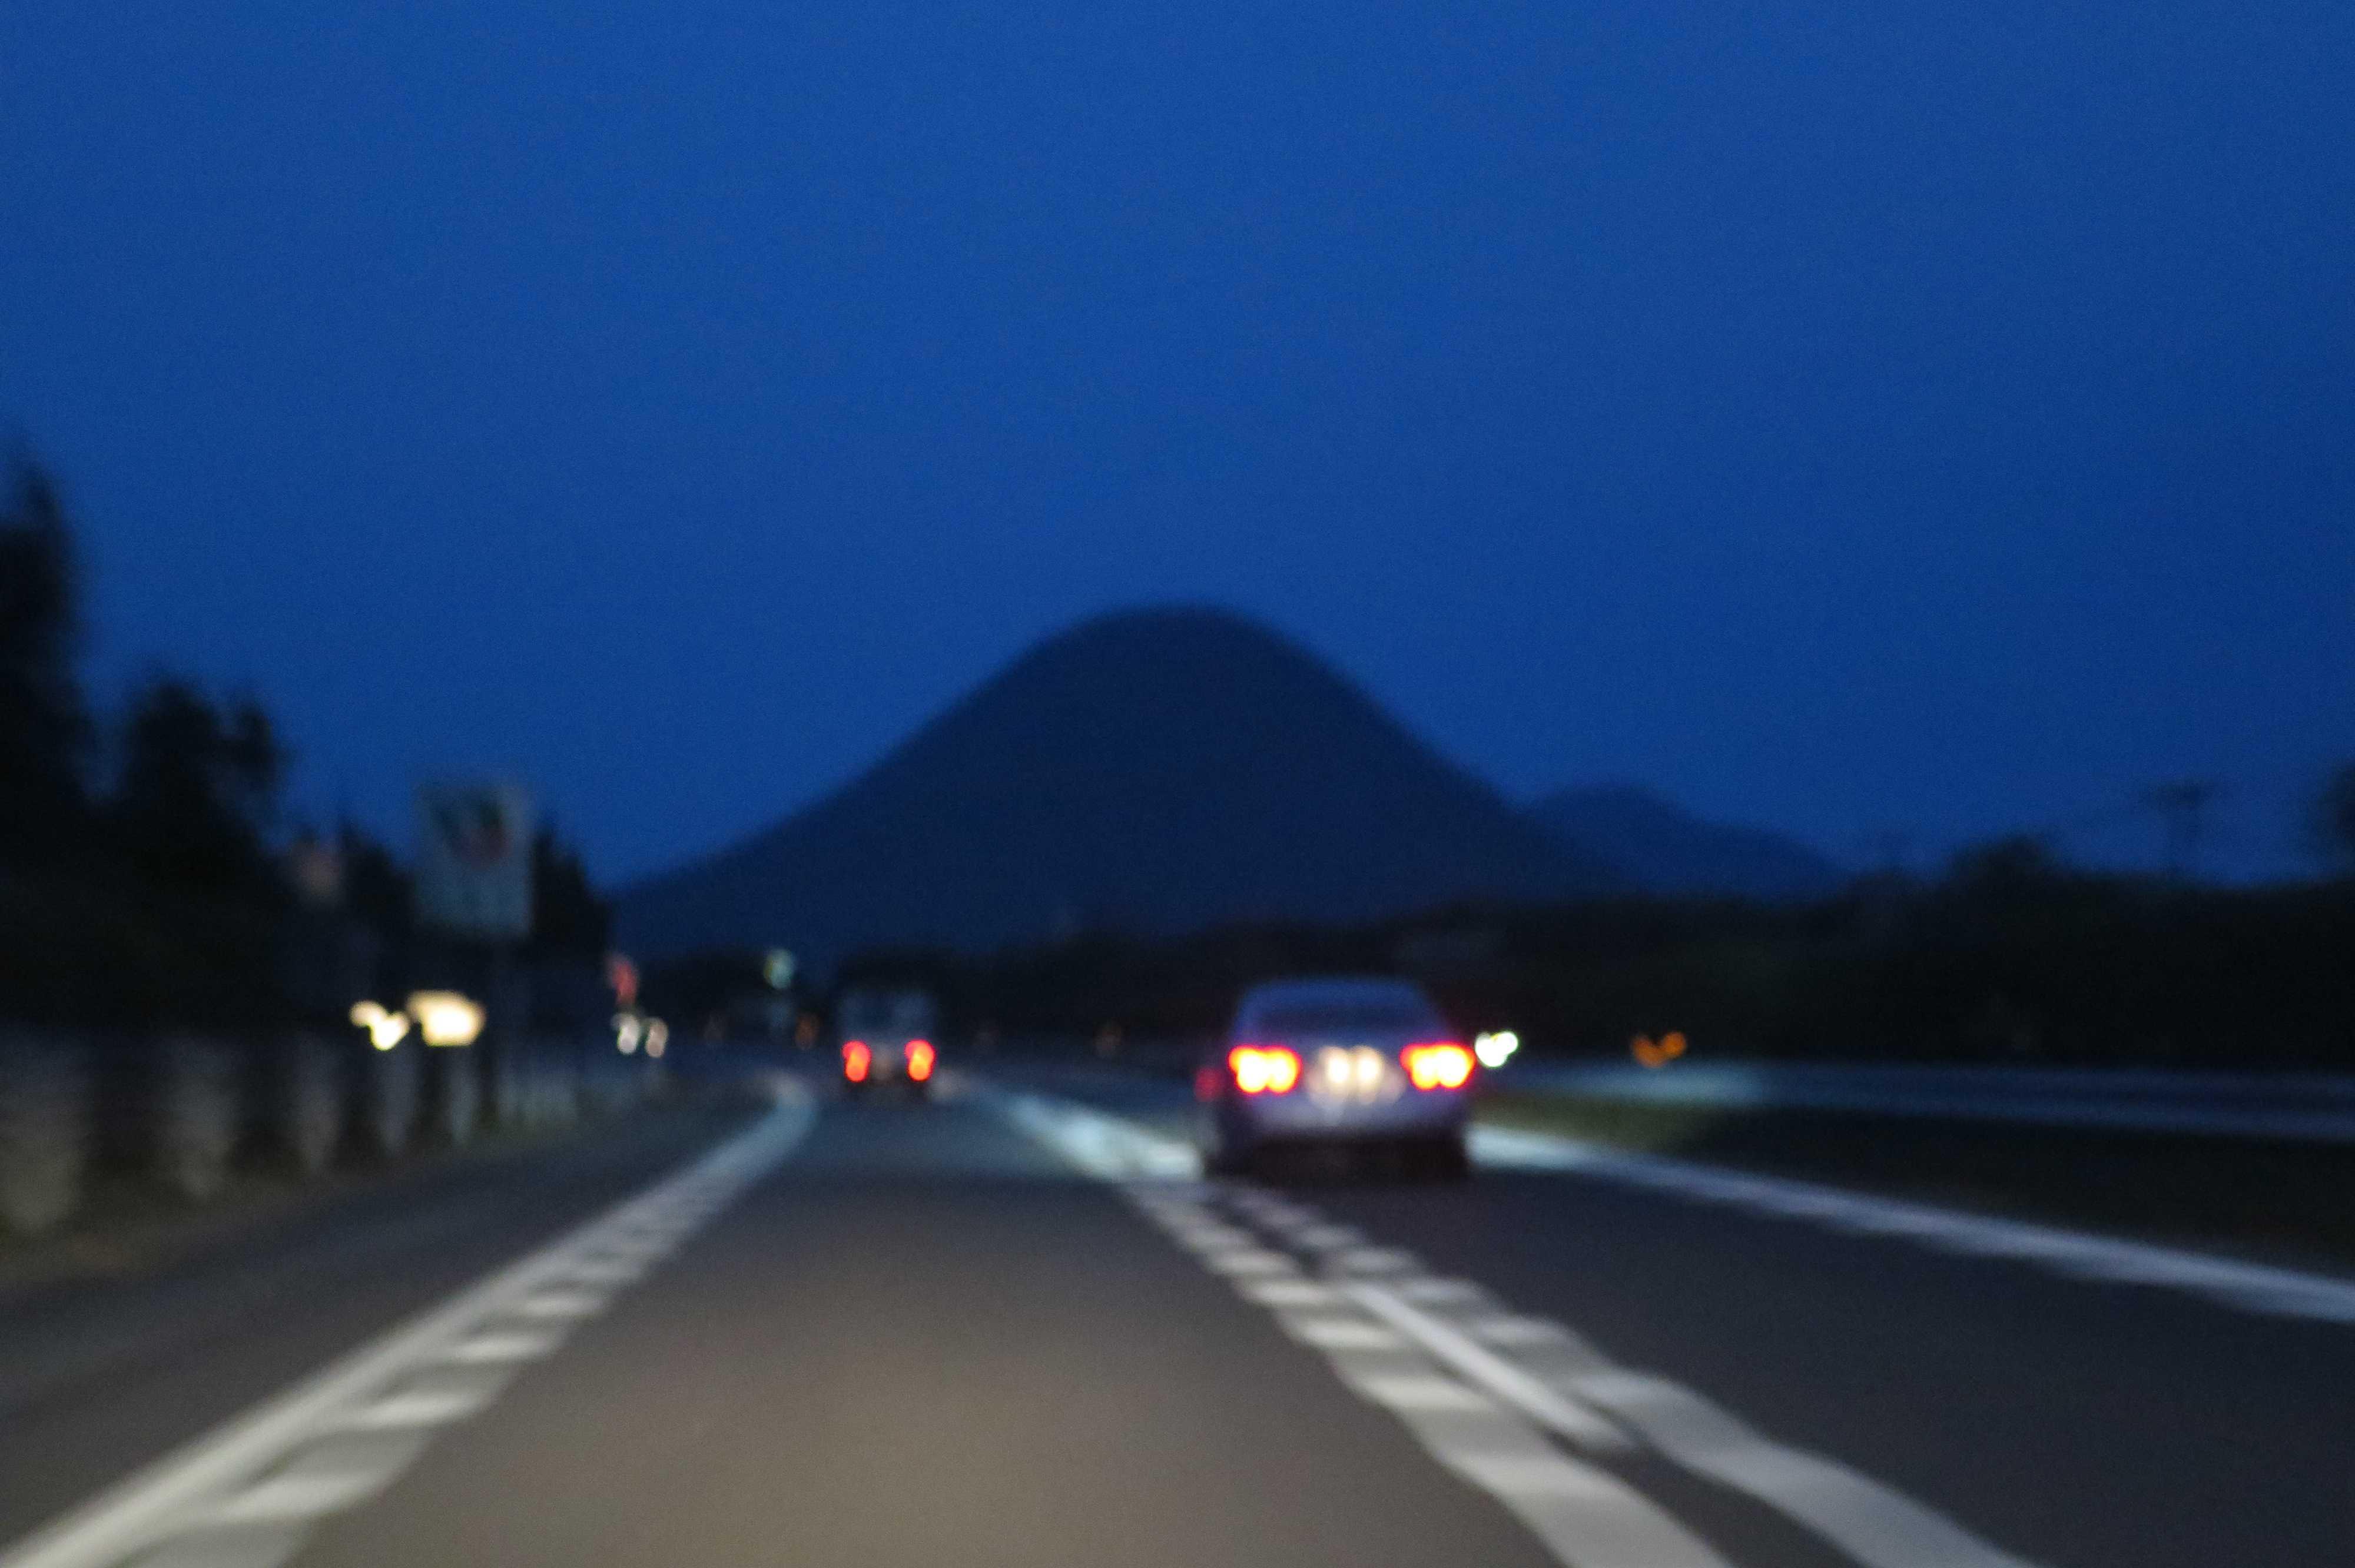 連れが撮影した黄昏時の讃岐富士